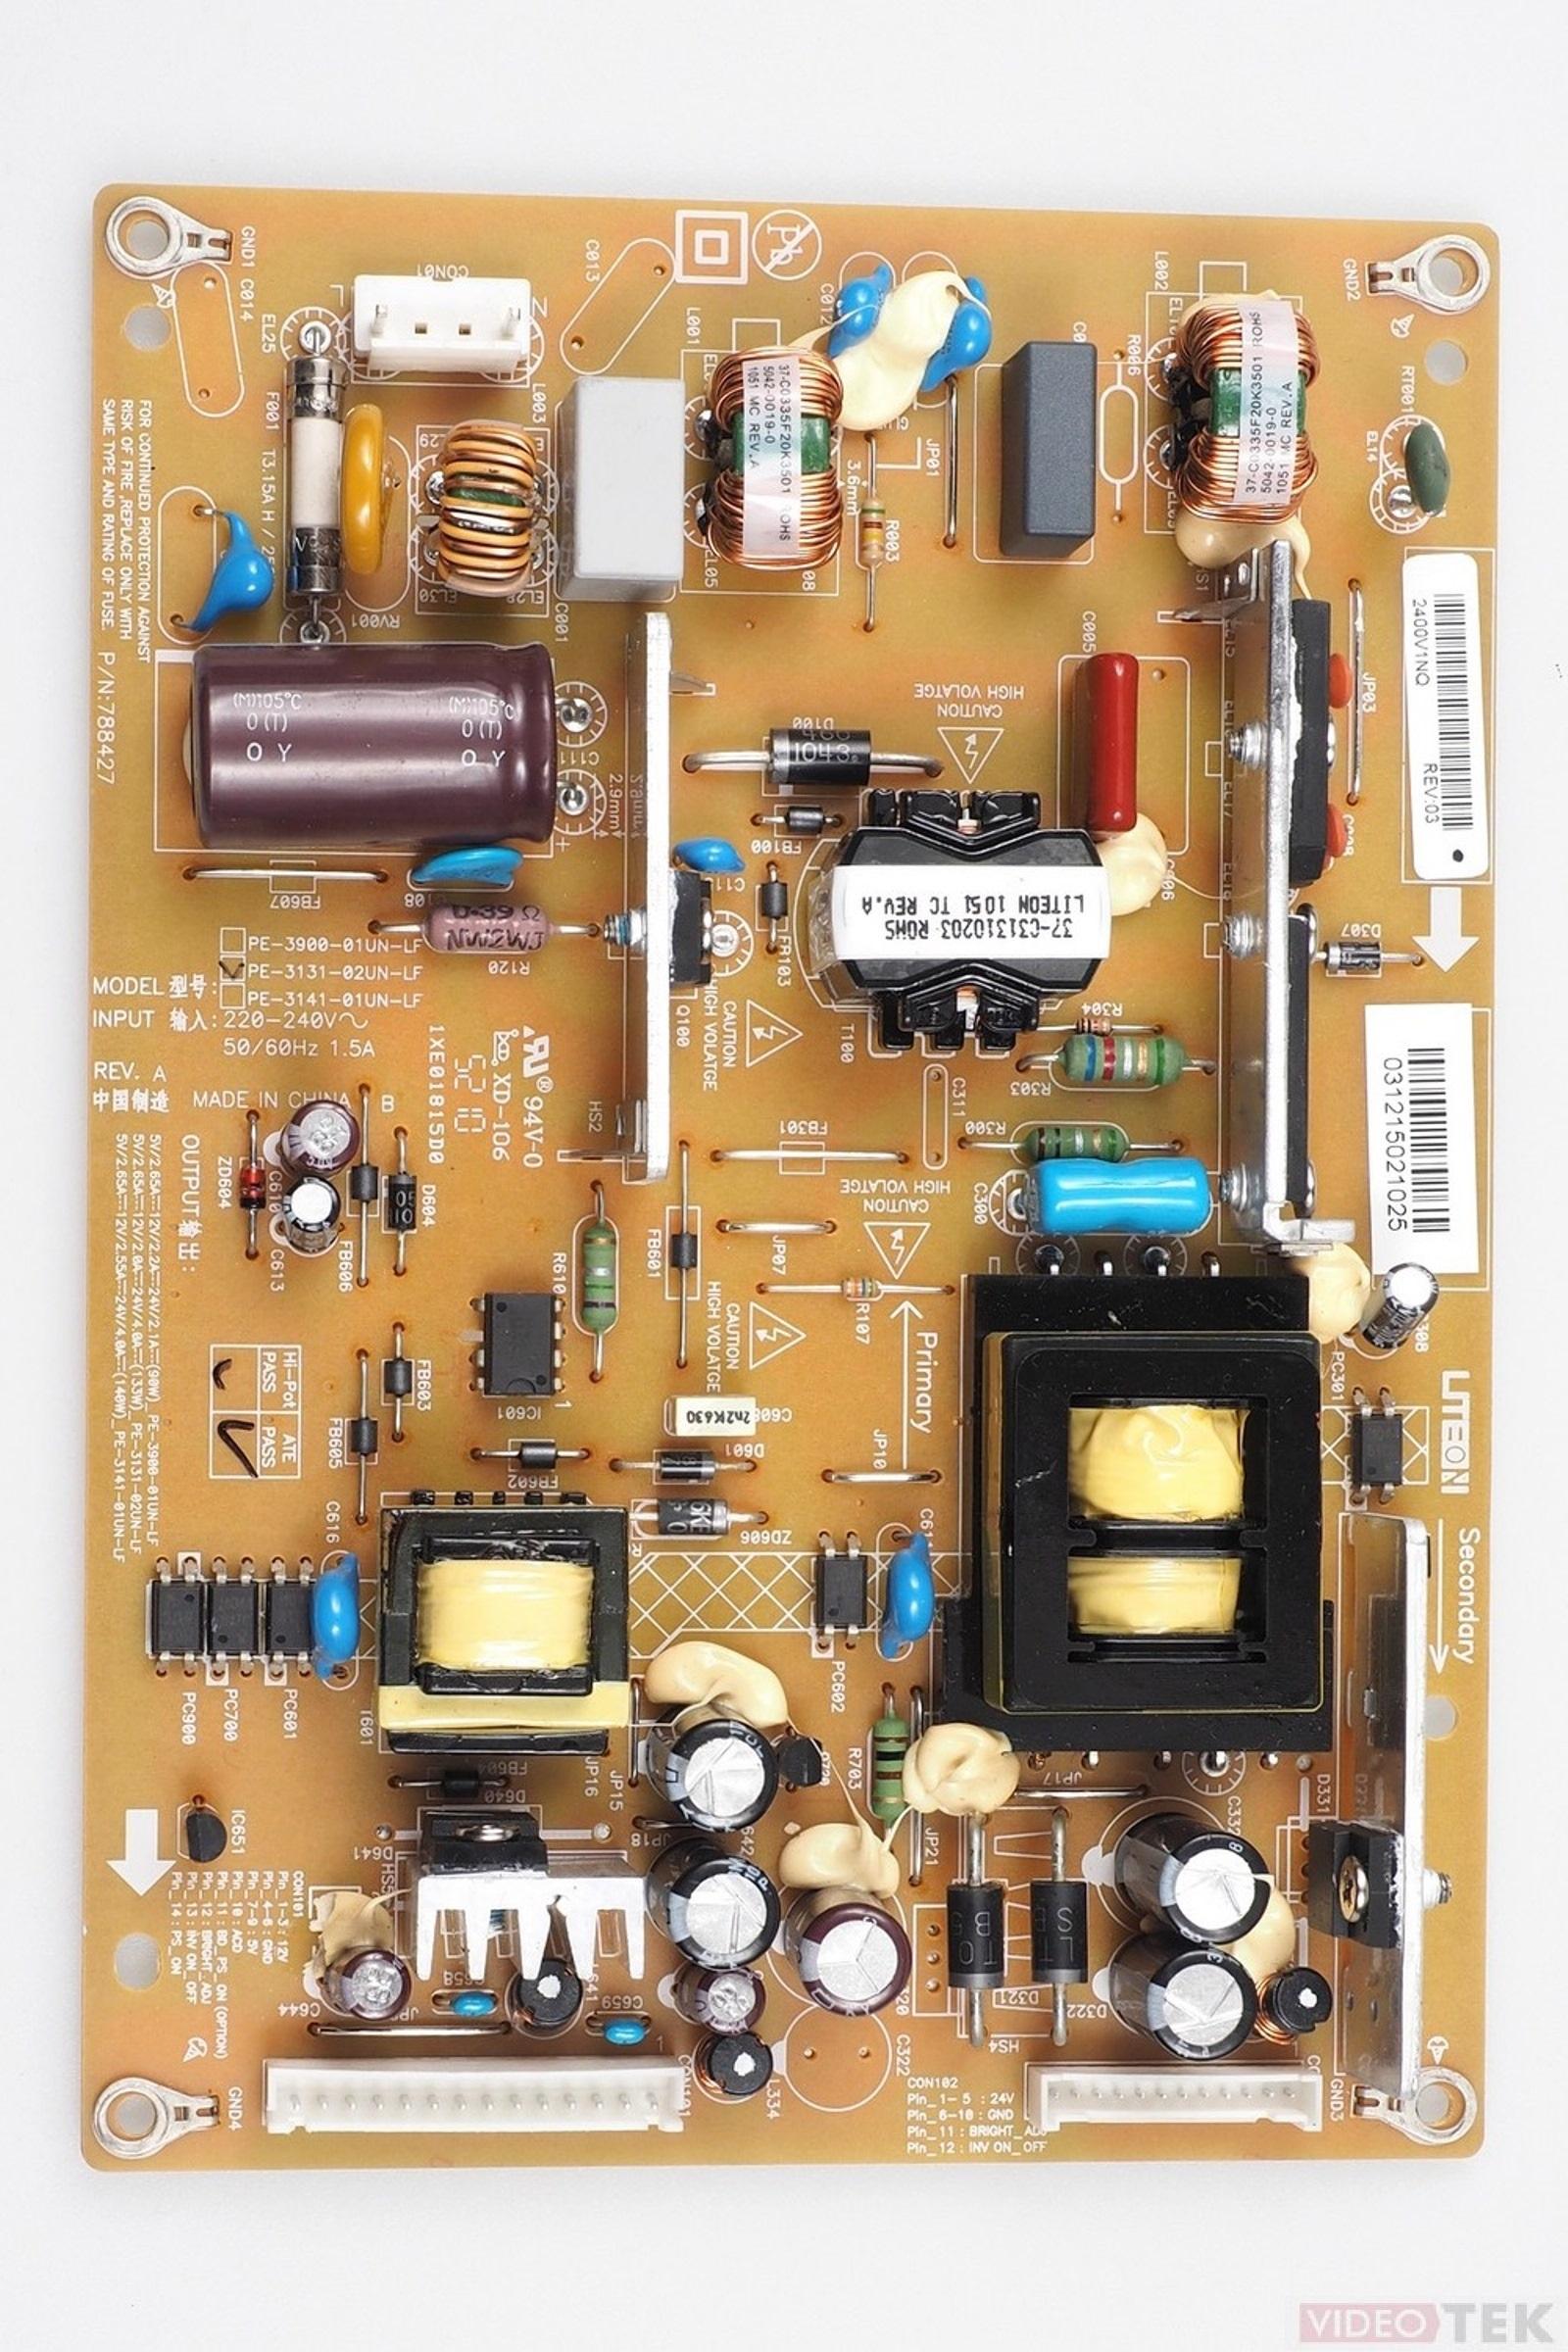 PL ALIM LCD TOSHIBA PE-3131-02UN-LF 75025188